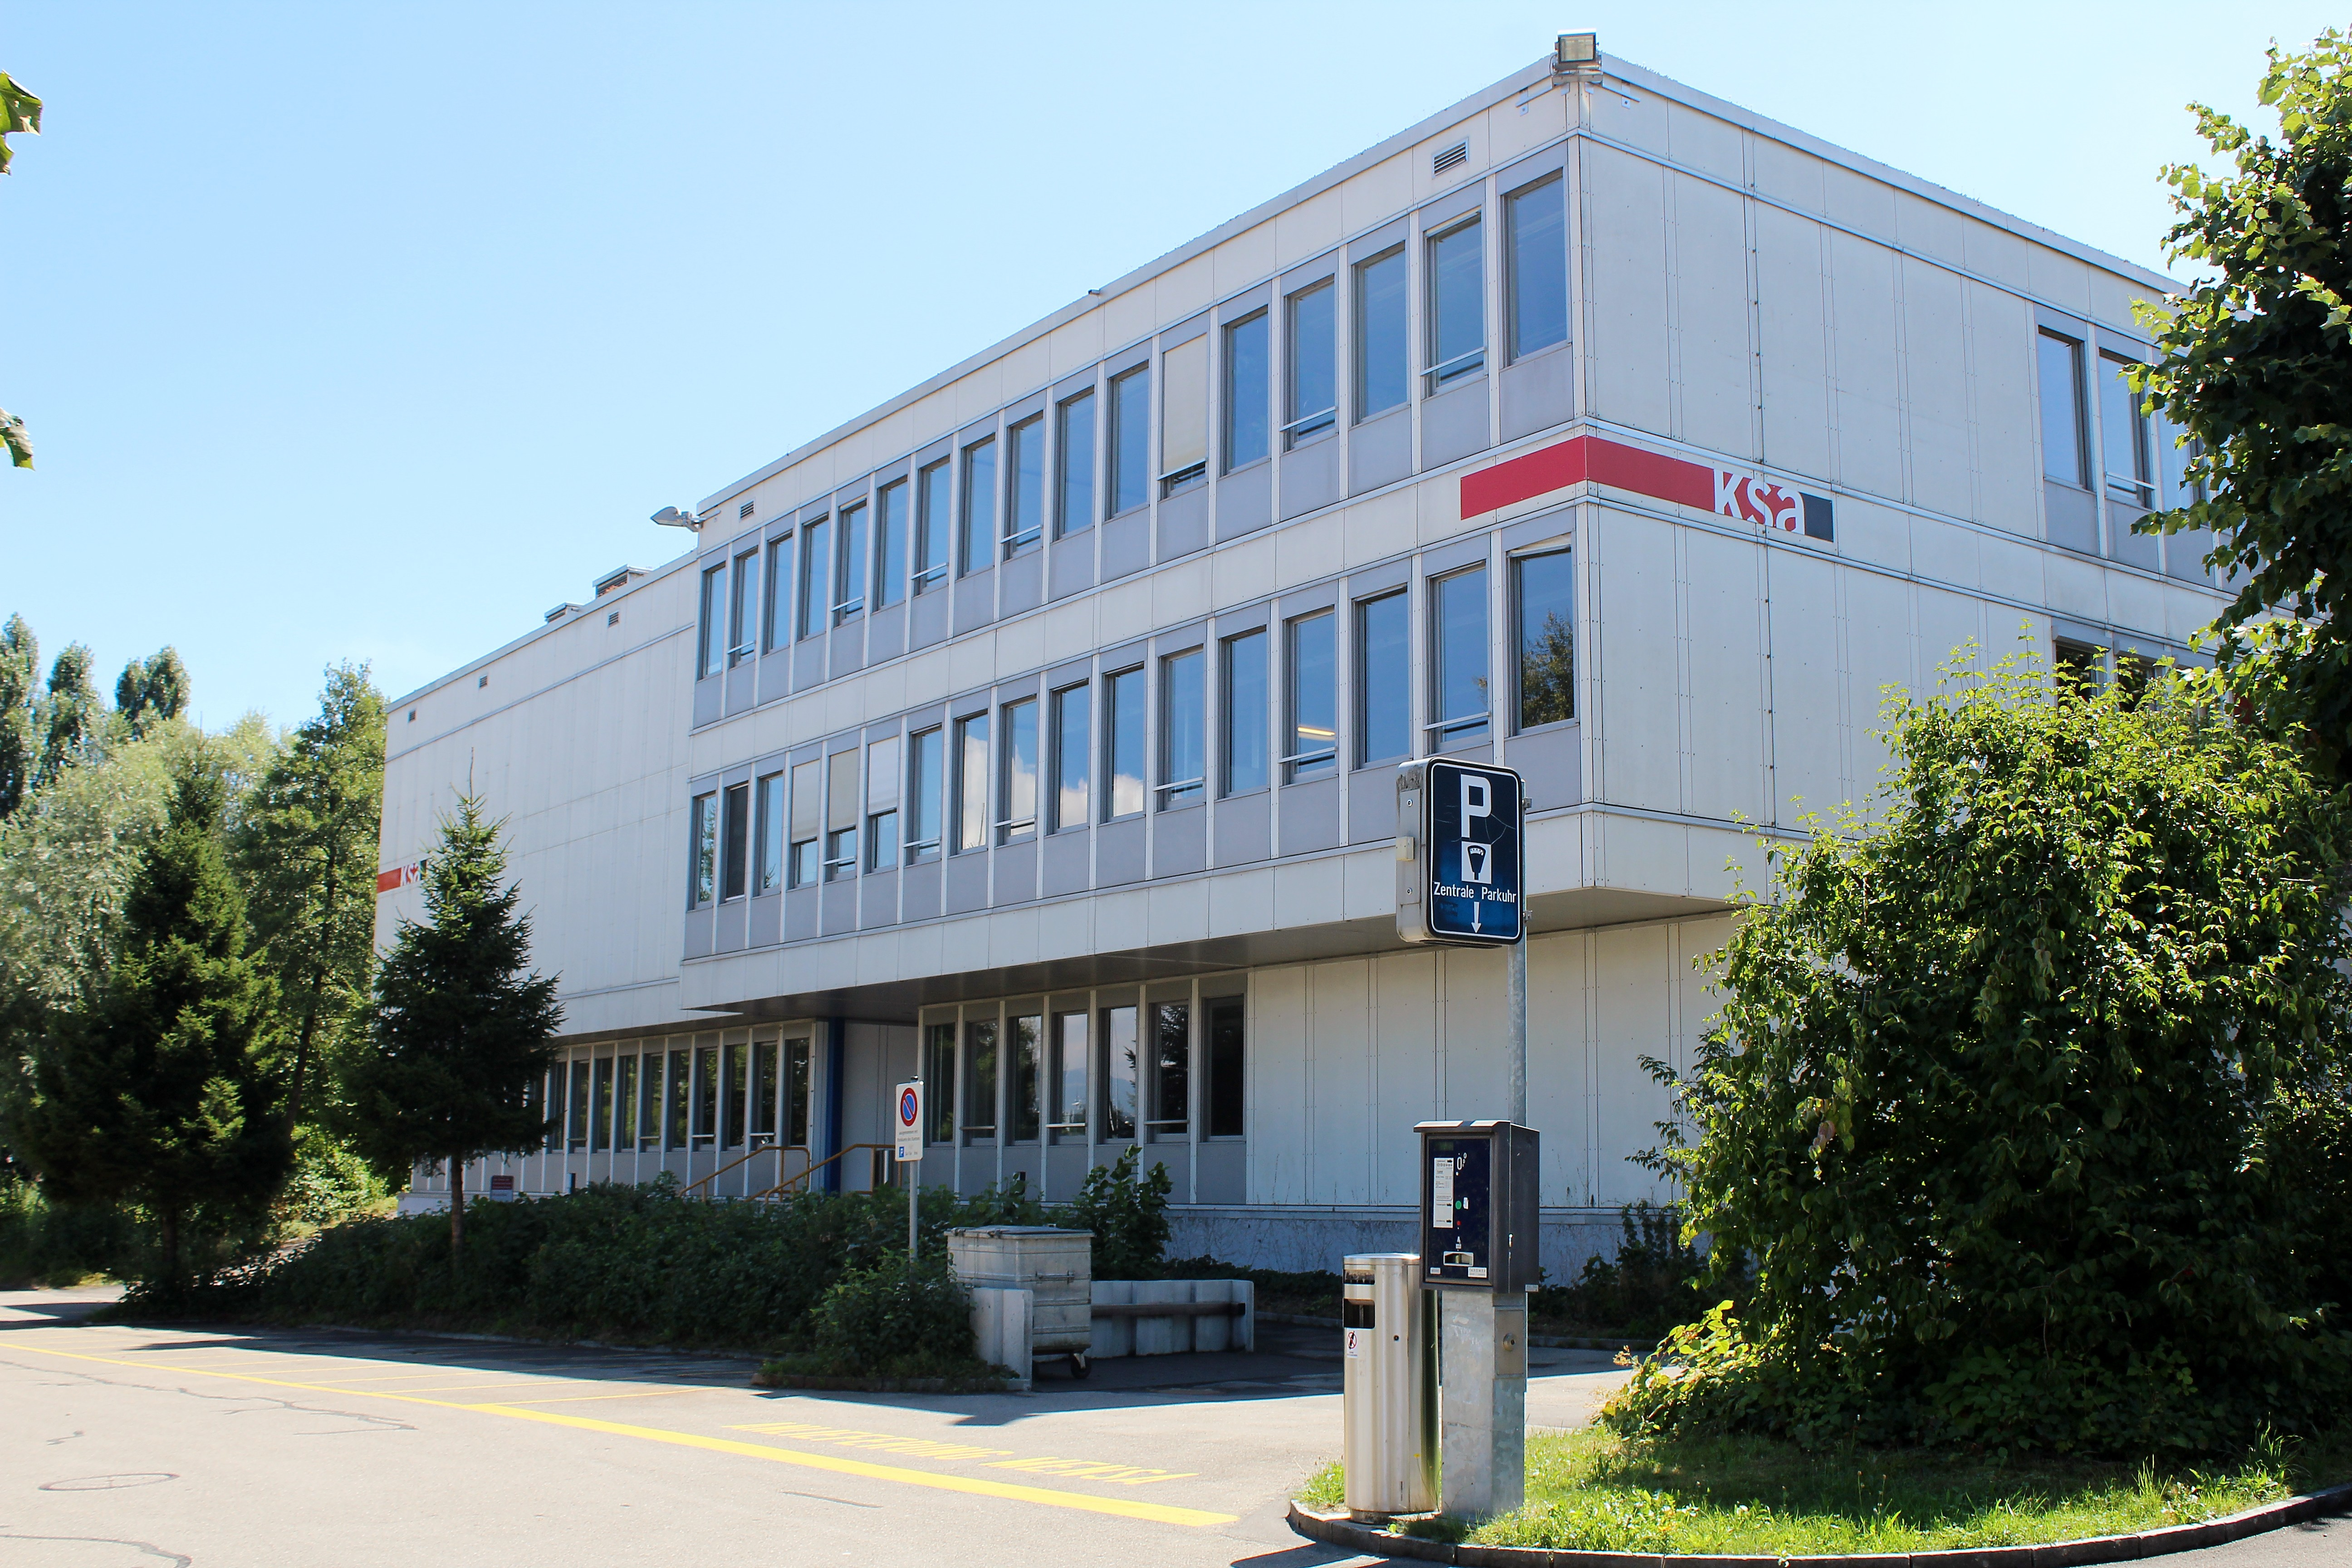 So sieht die Kantonsschule Ausserschwyz heute aus.